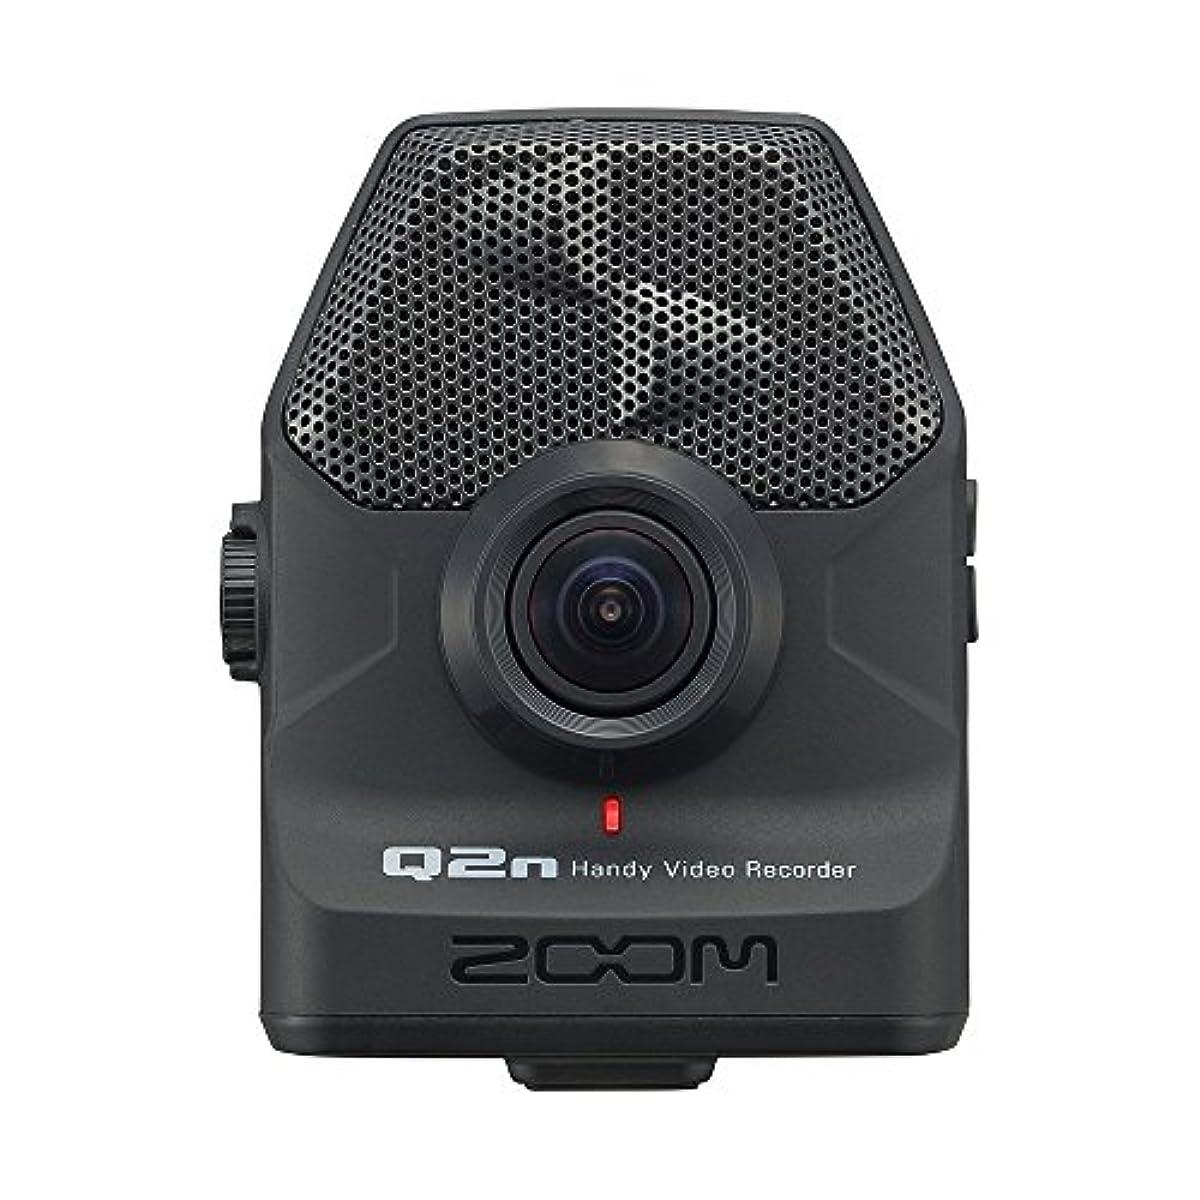 [해외] ZOOM 줌 핸디 비디오 레코더 Q2N